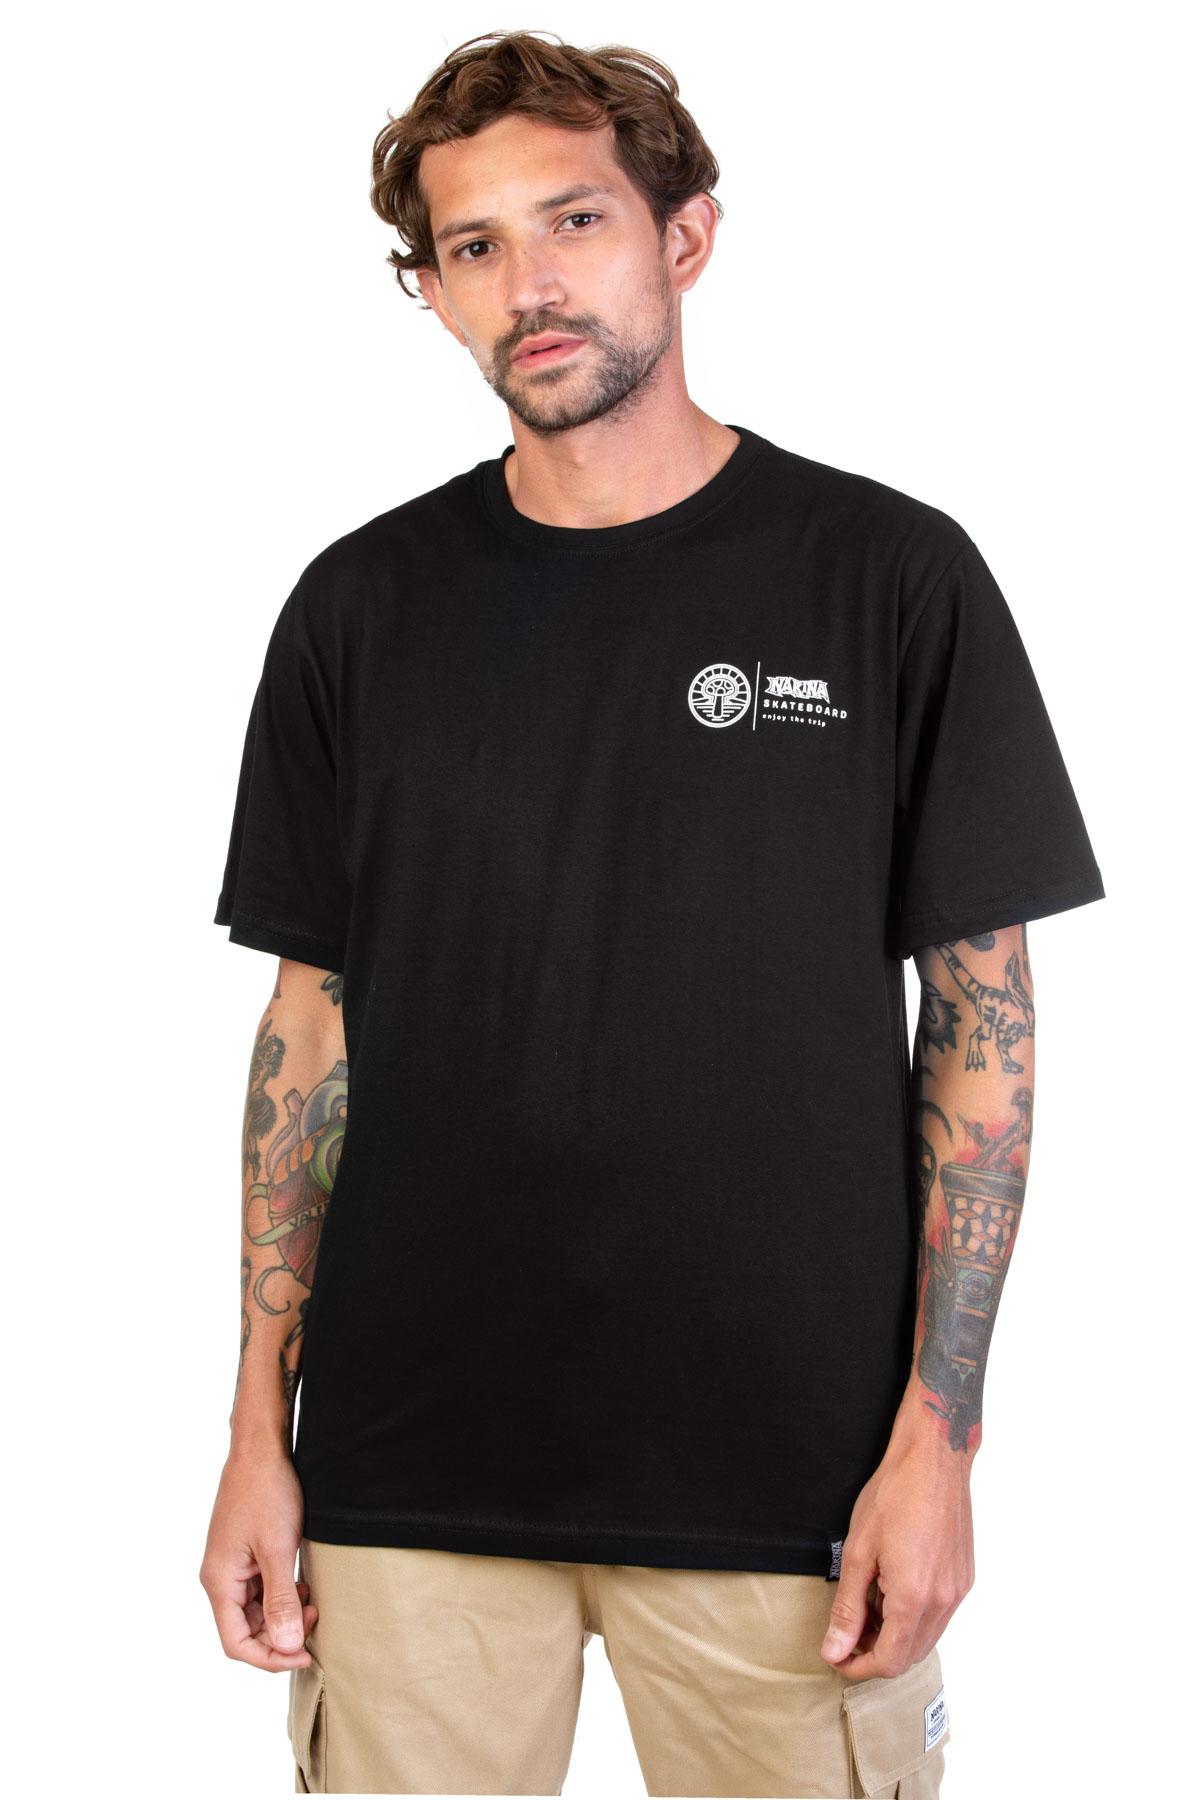 Camiseta Champignon Narina Skate